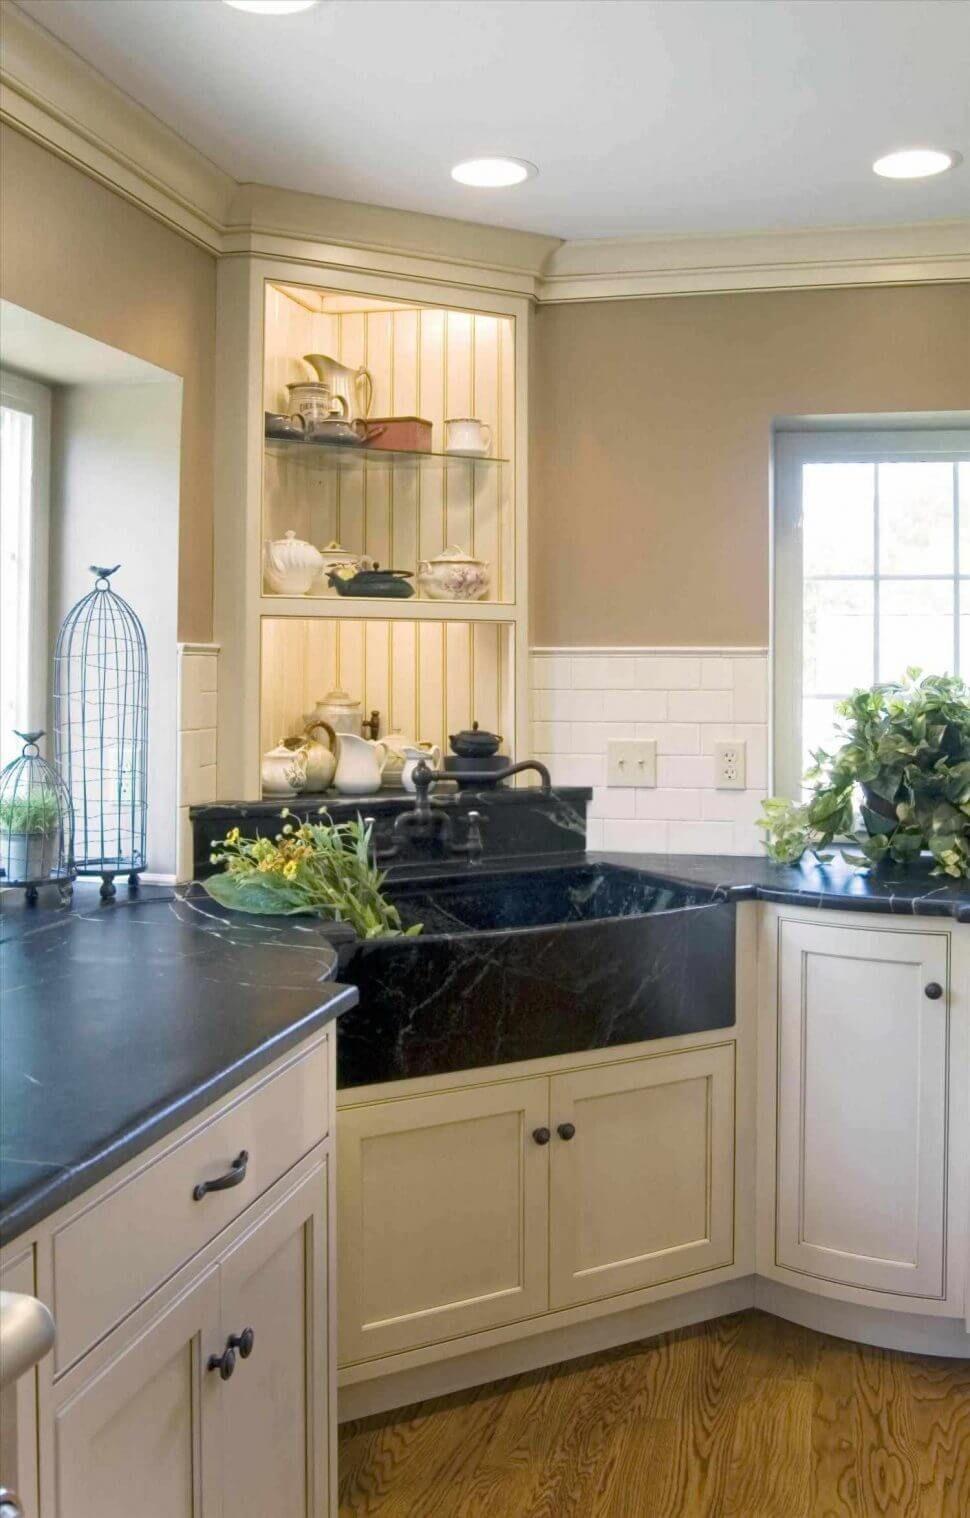 26 Farmhouse Kitchen Sink Ideas that will Make You